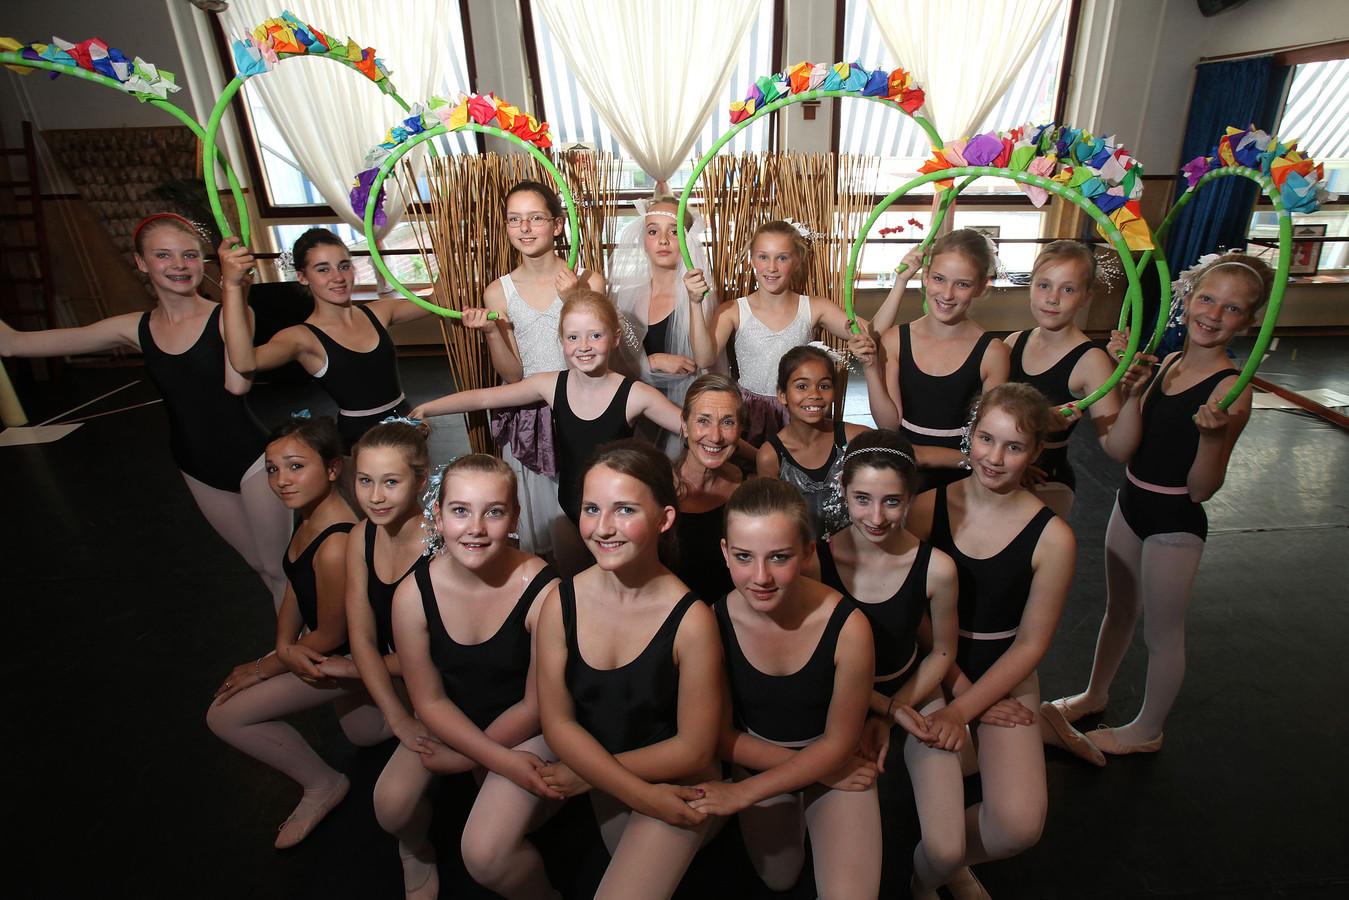 Dorry Langenberg, in het midden, omringd door een aantal van haar danseressen.